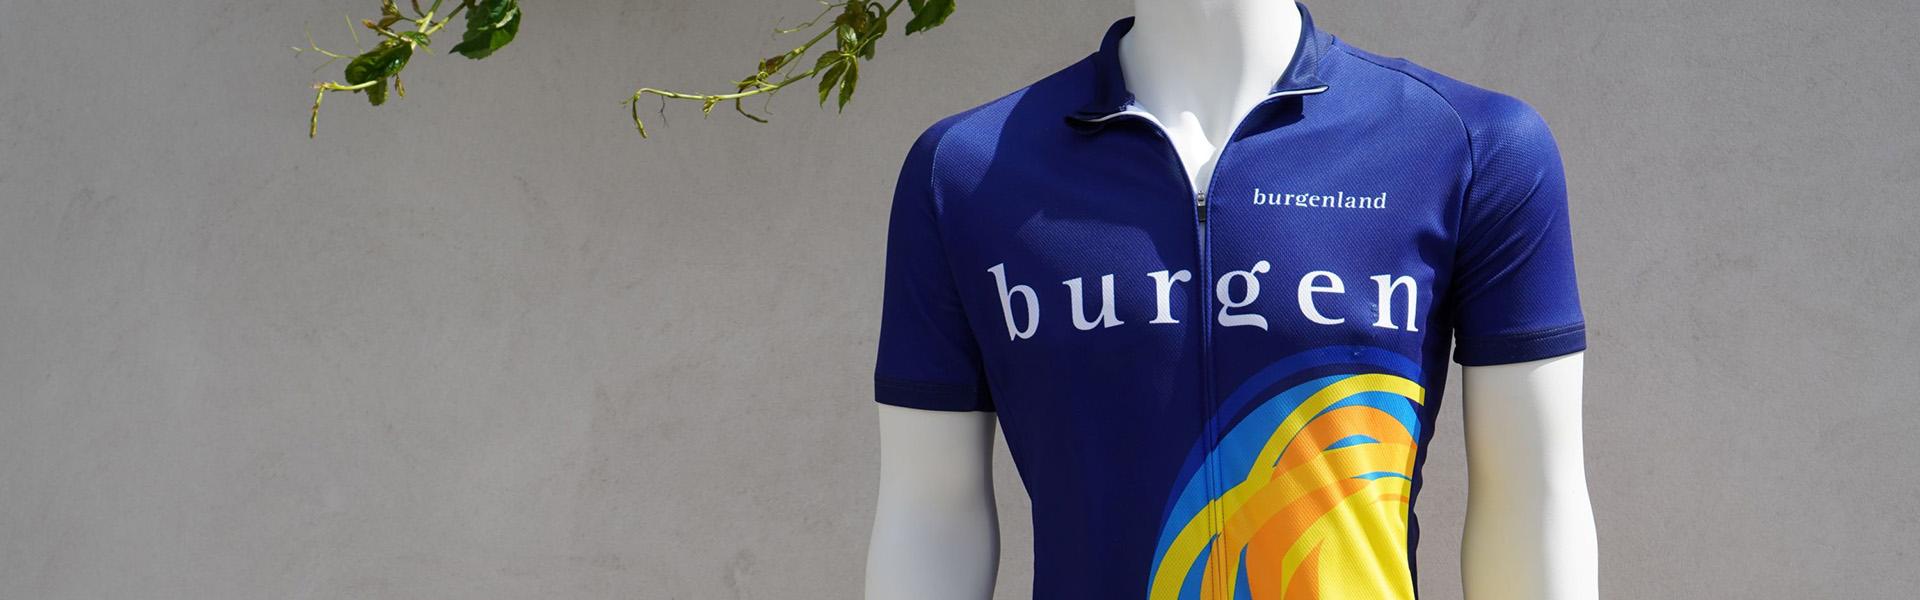 Nyerj komplett kerékpáros ruházatot!